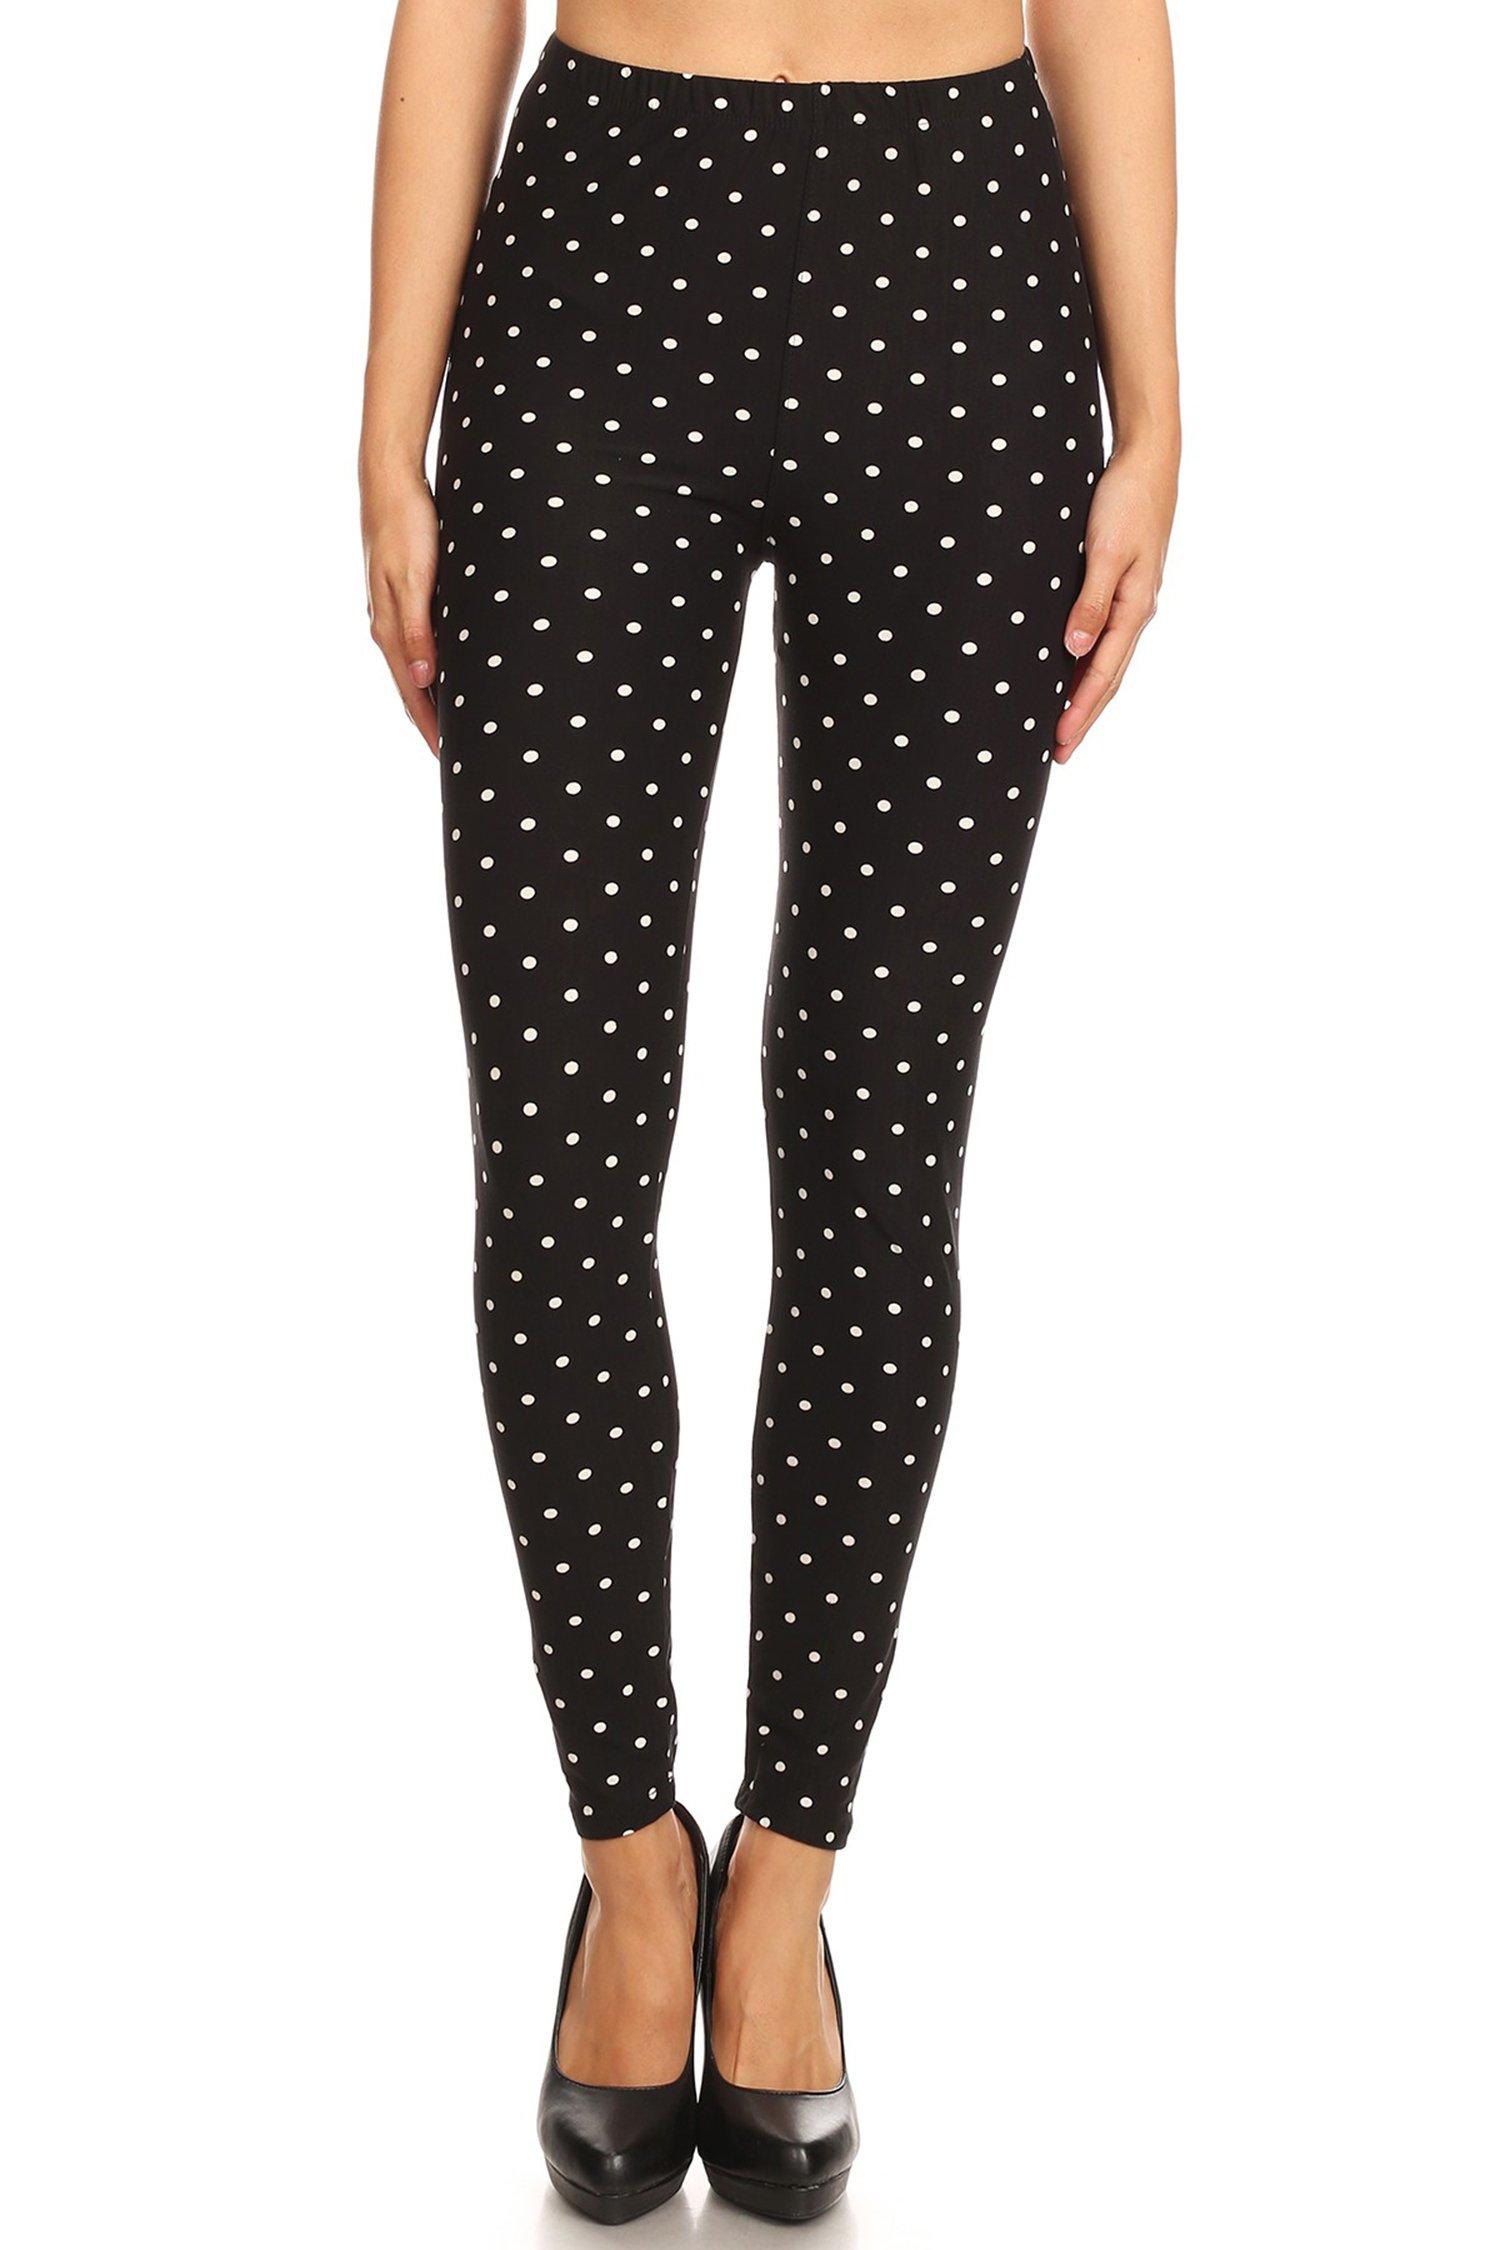 Leggings Mania Women's Polka Dot Print High Waist Soft Leggings Black